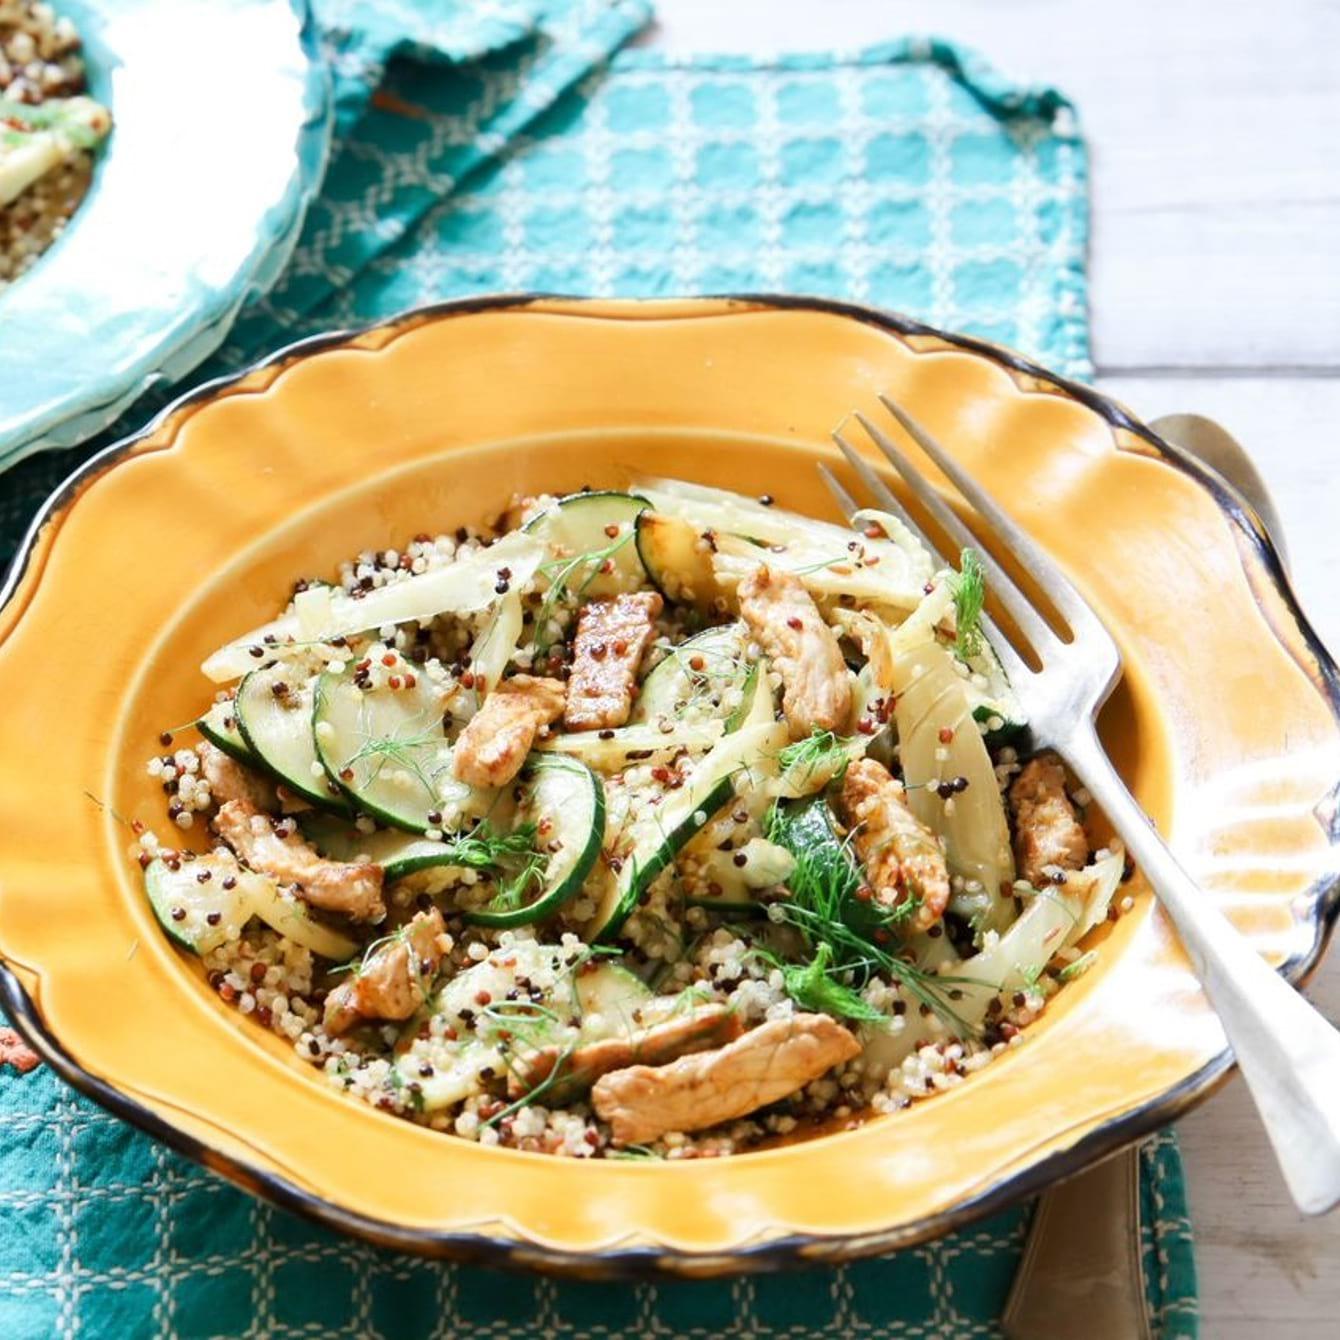 Quinoa met lentegroente en reepjes varkensvlees